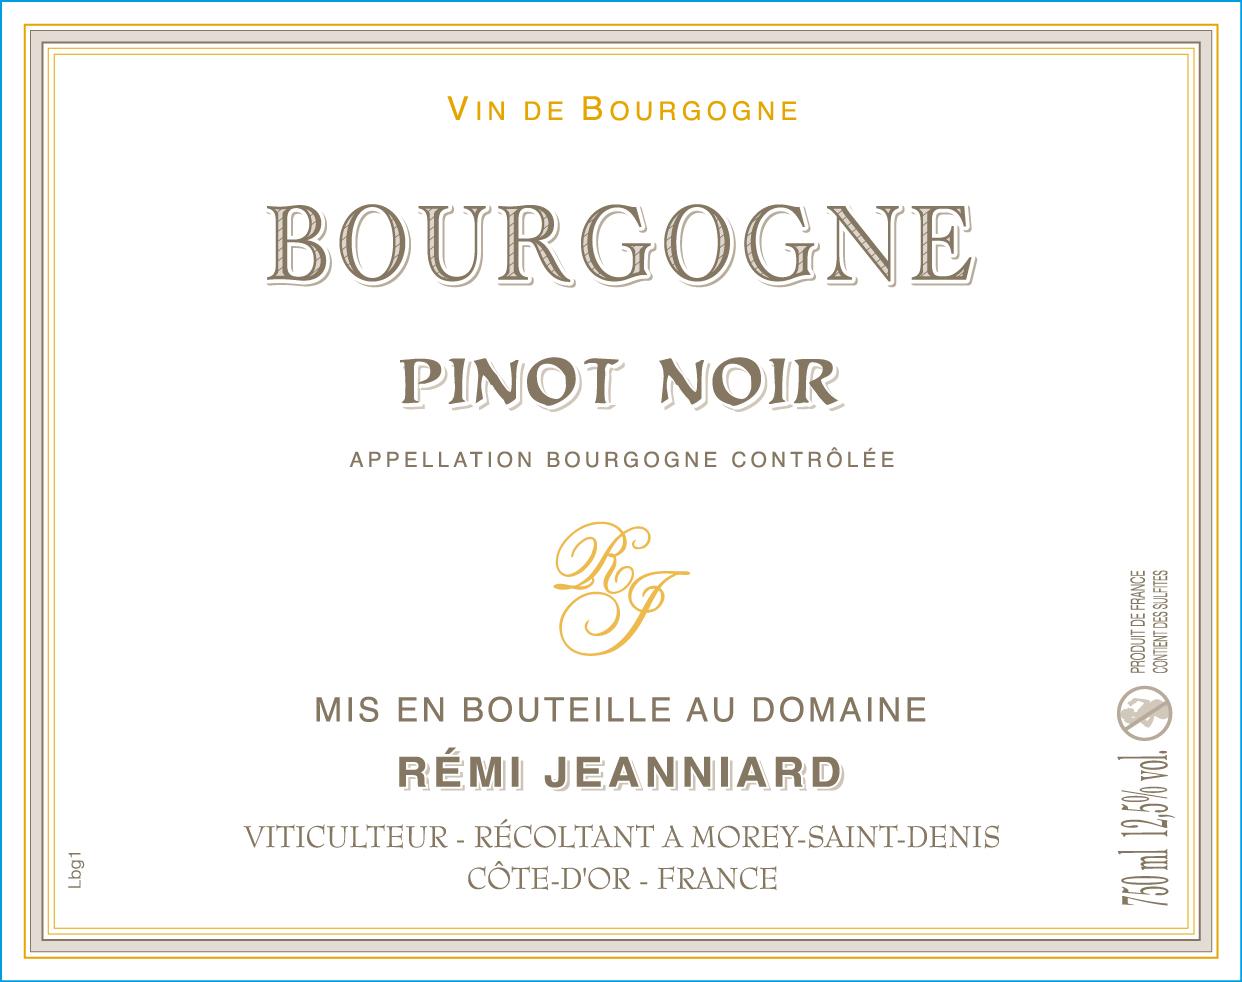 BK Jeanniard Pinot Noir - NEW.jpg